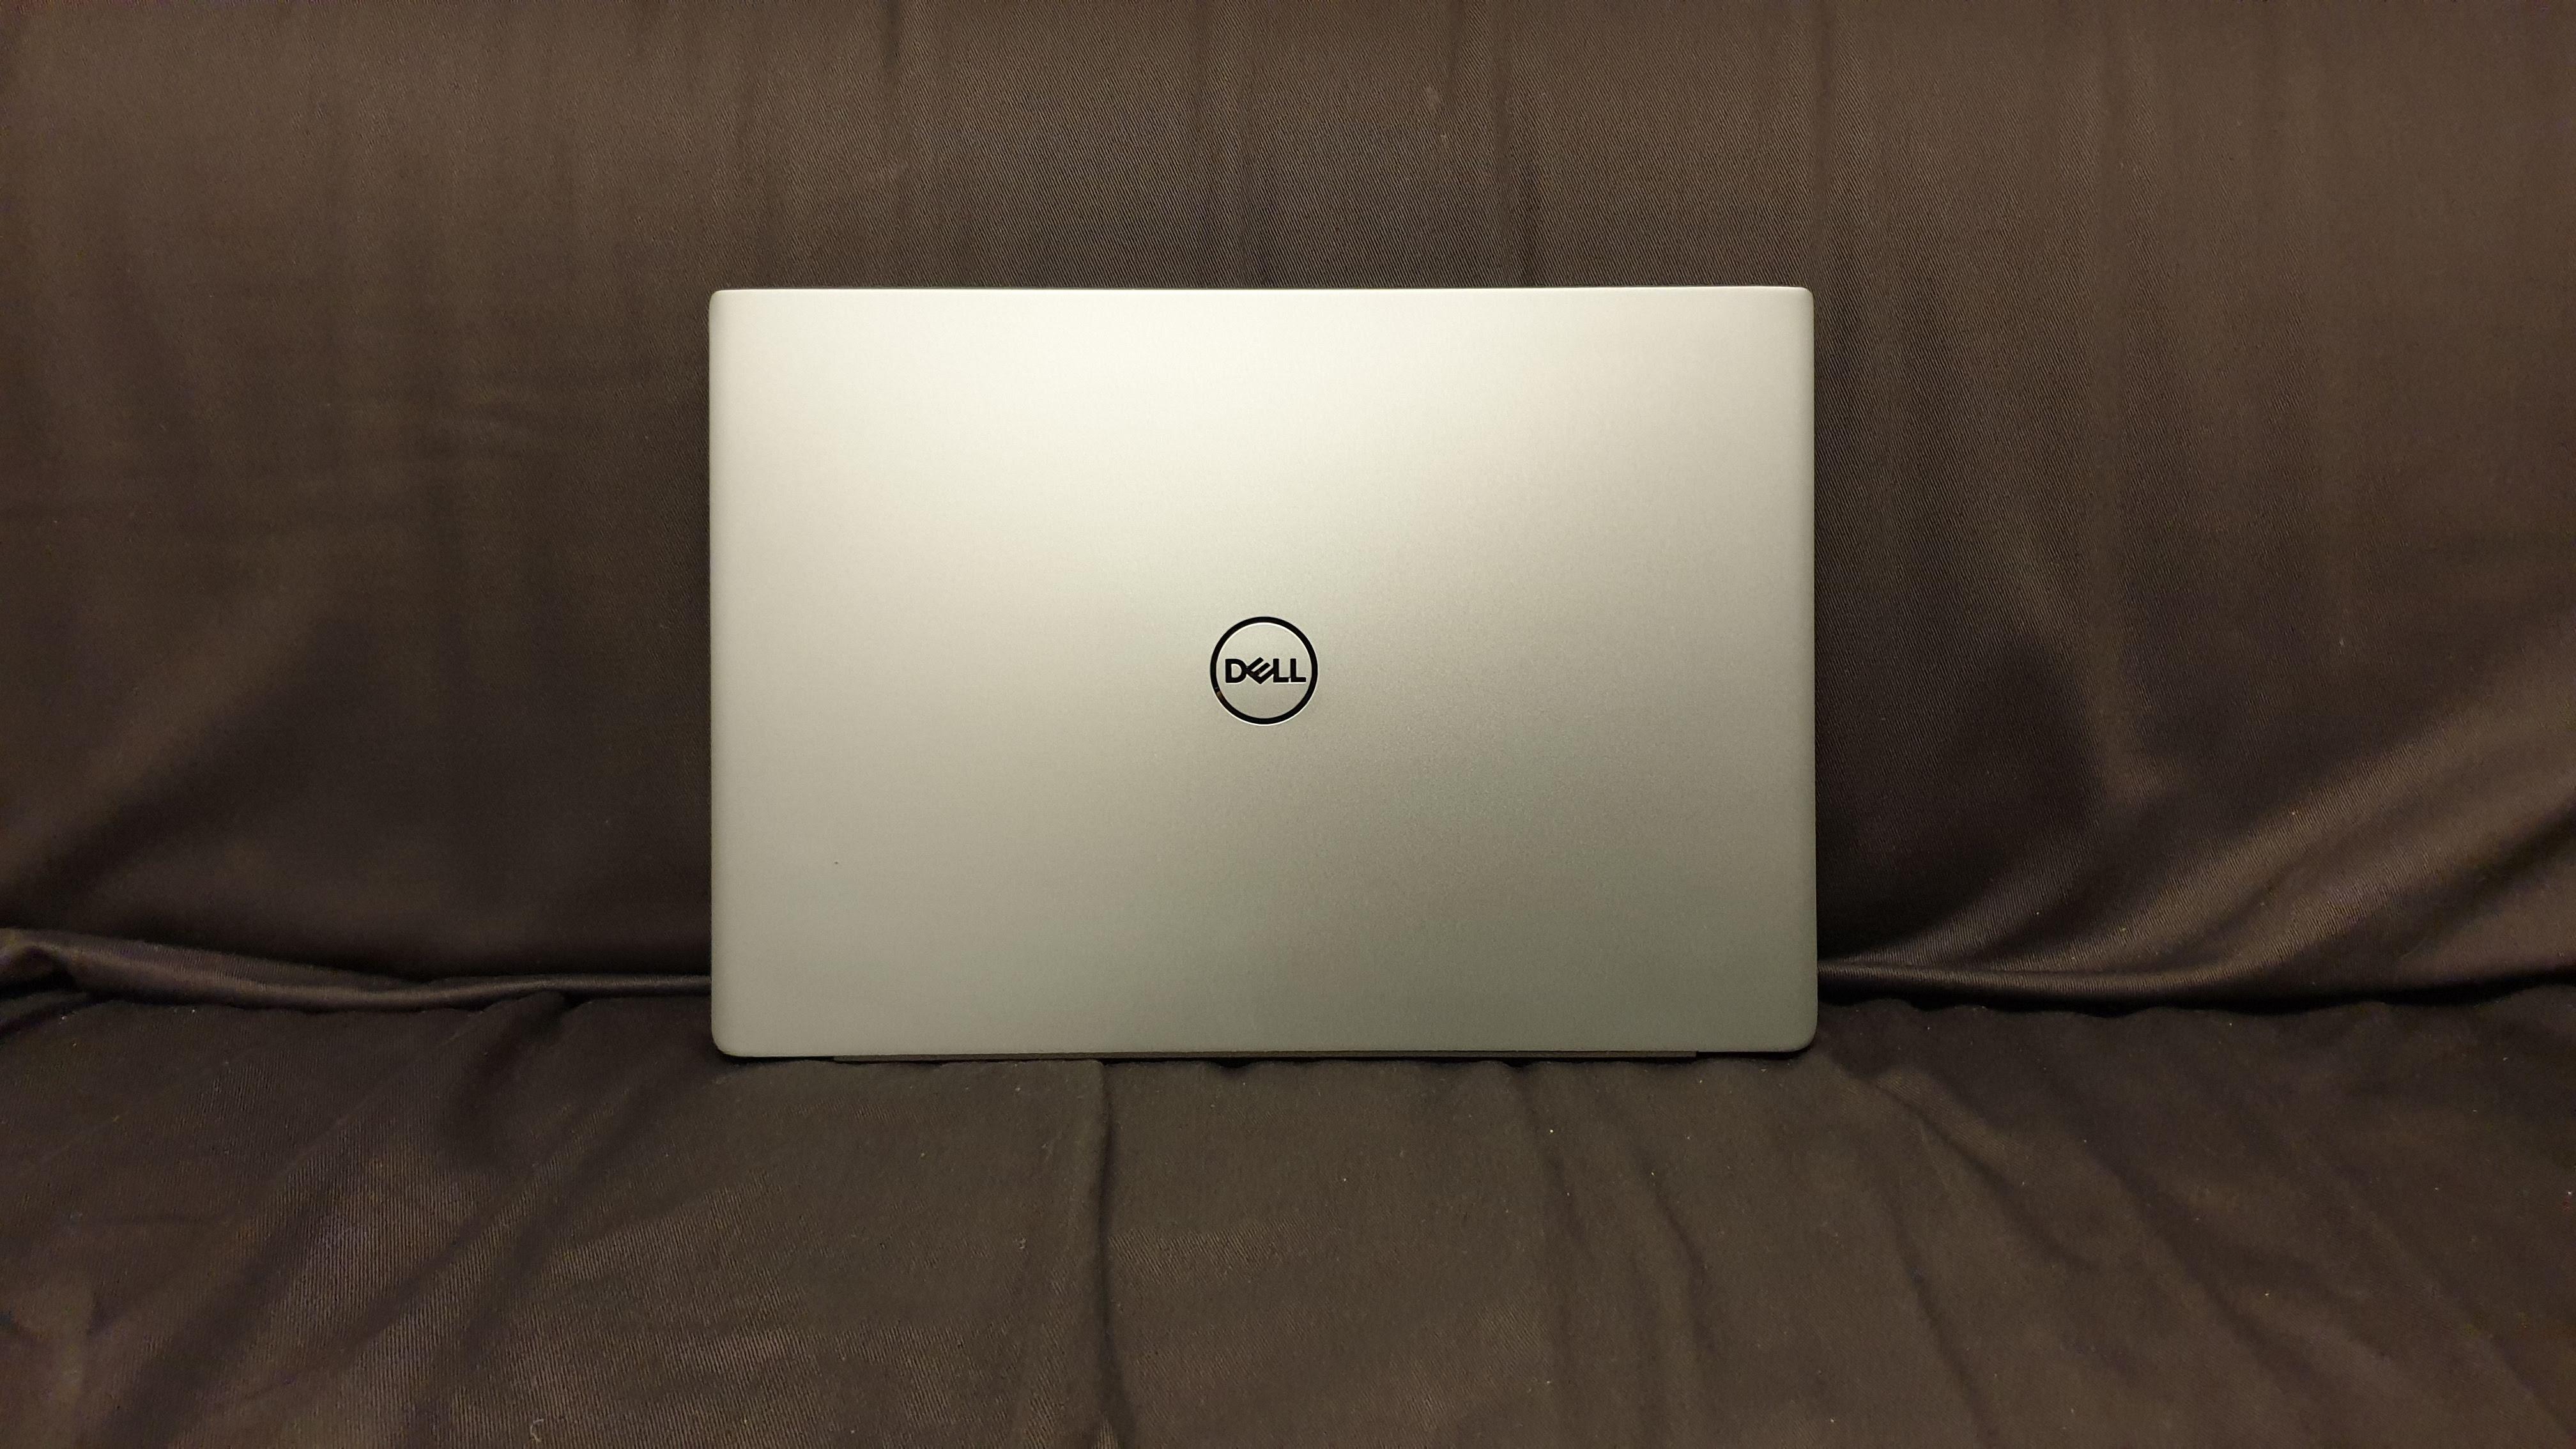 Laptop closed